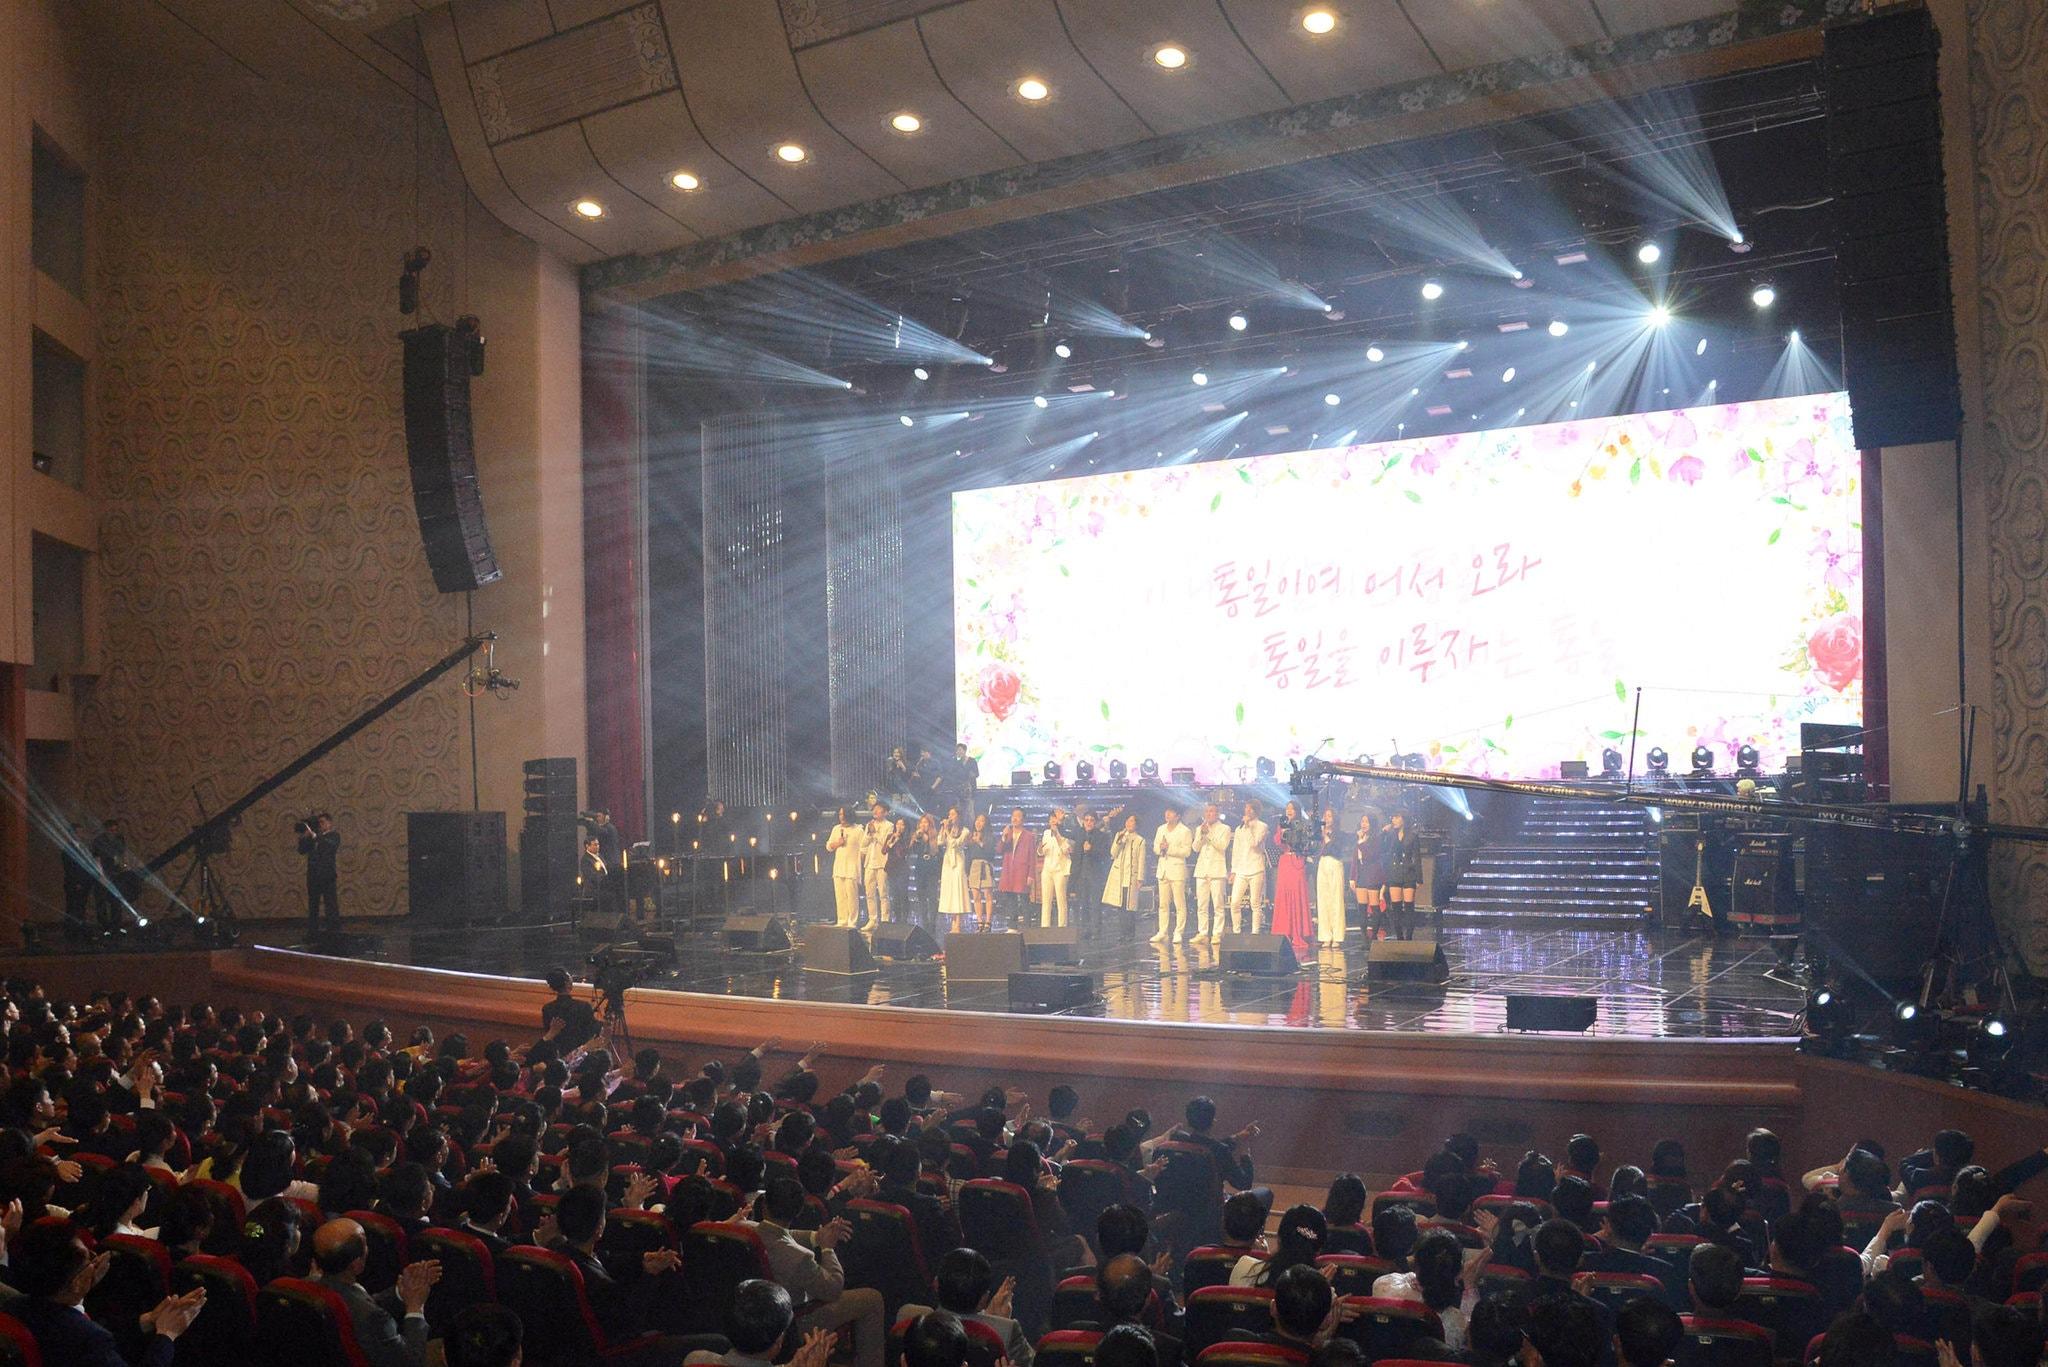 Pertujukan Kpop di Pyongyang, Korut. Historik | Korea Central News Agency